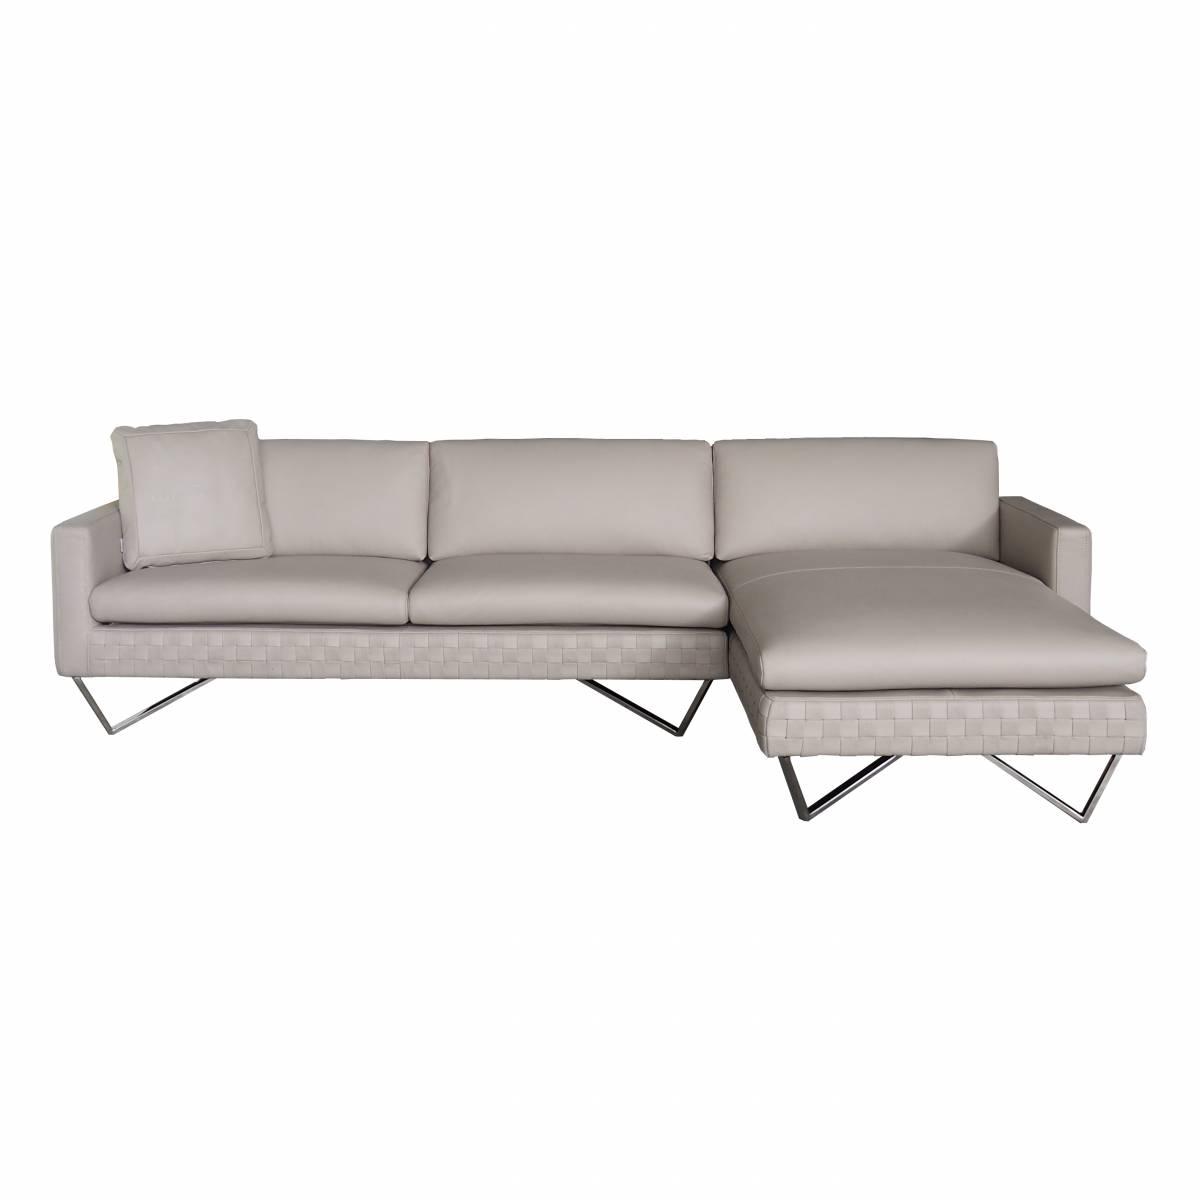 Snello IIV Leather Sofa